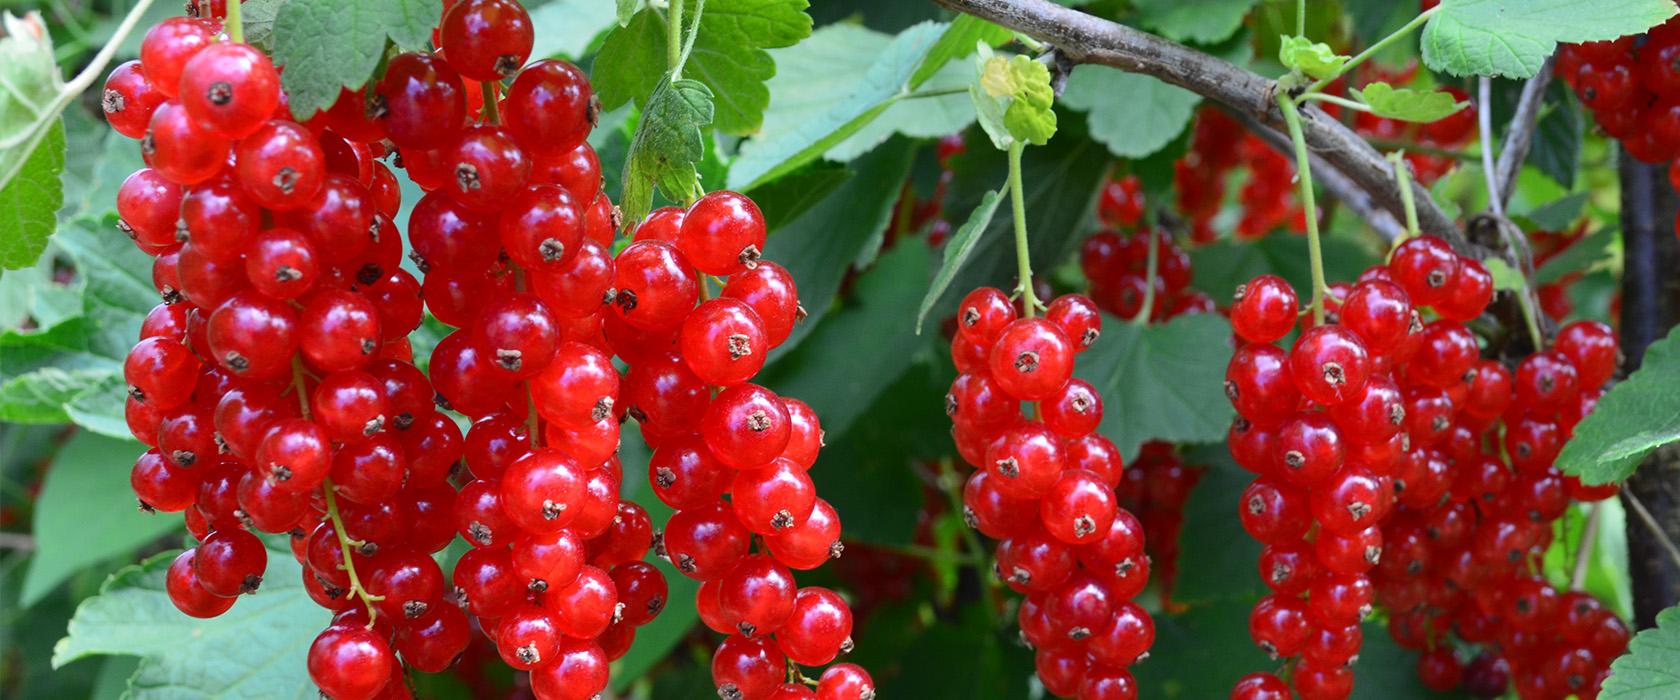 Fruits rouges co les fruits rouges de l 39 aisne for Coulis fruits rouges surgeles